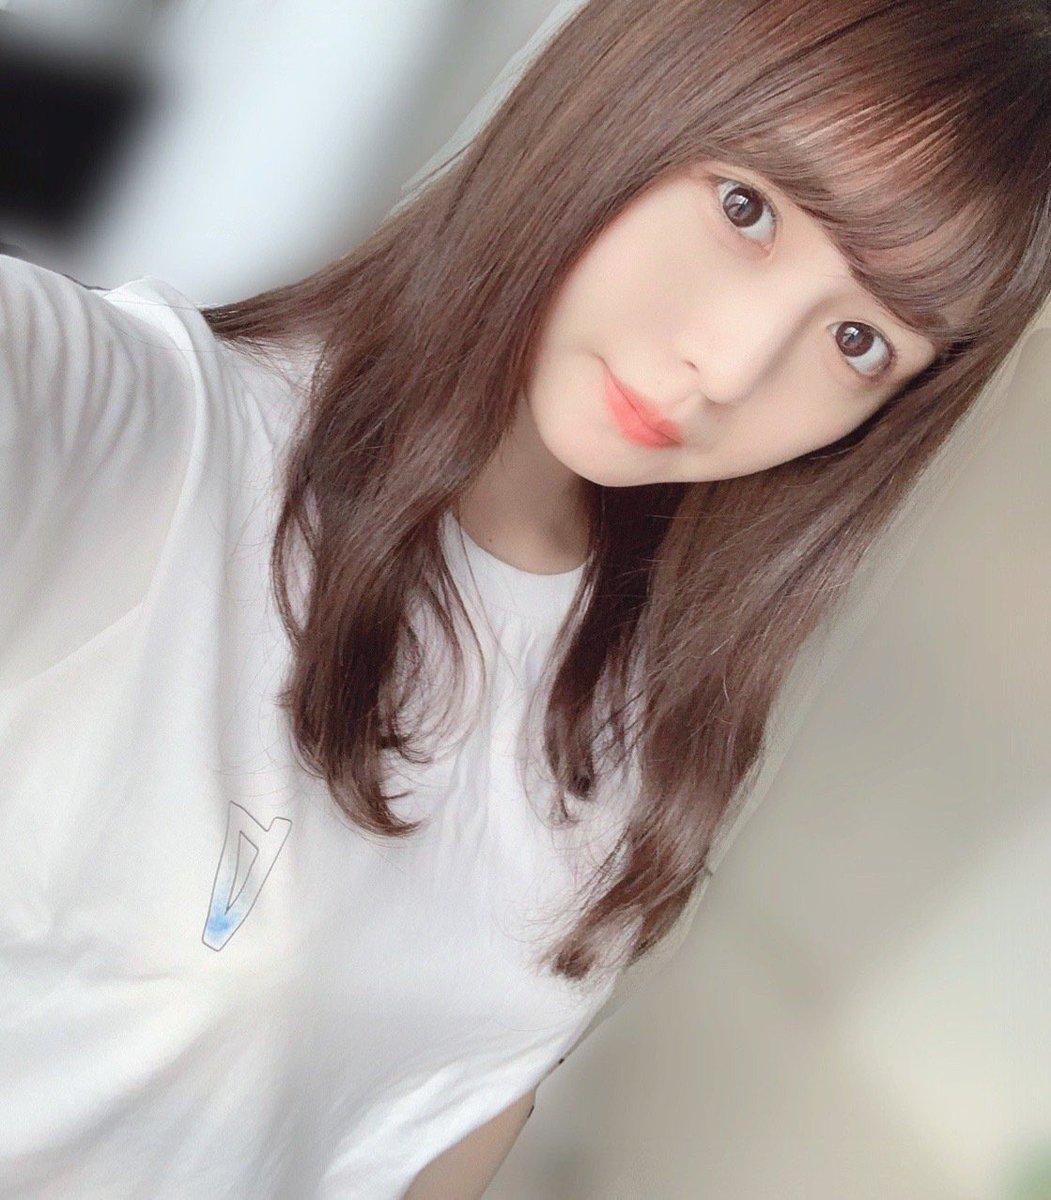 ねる 芸能 界 引退 長濱